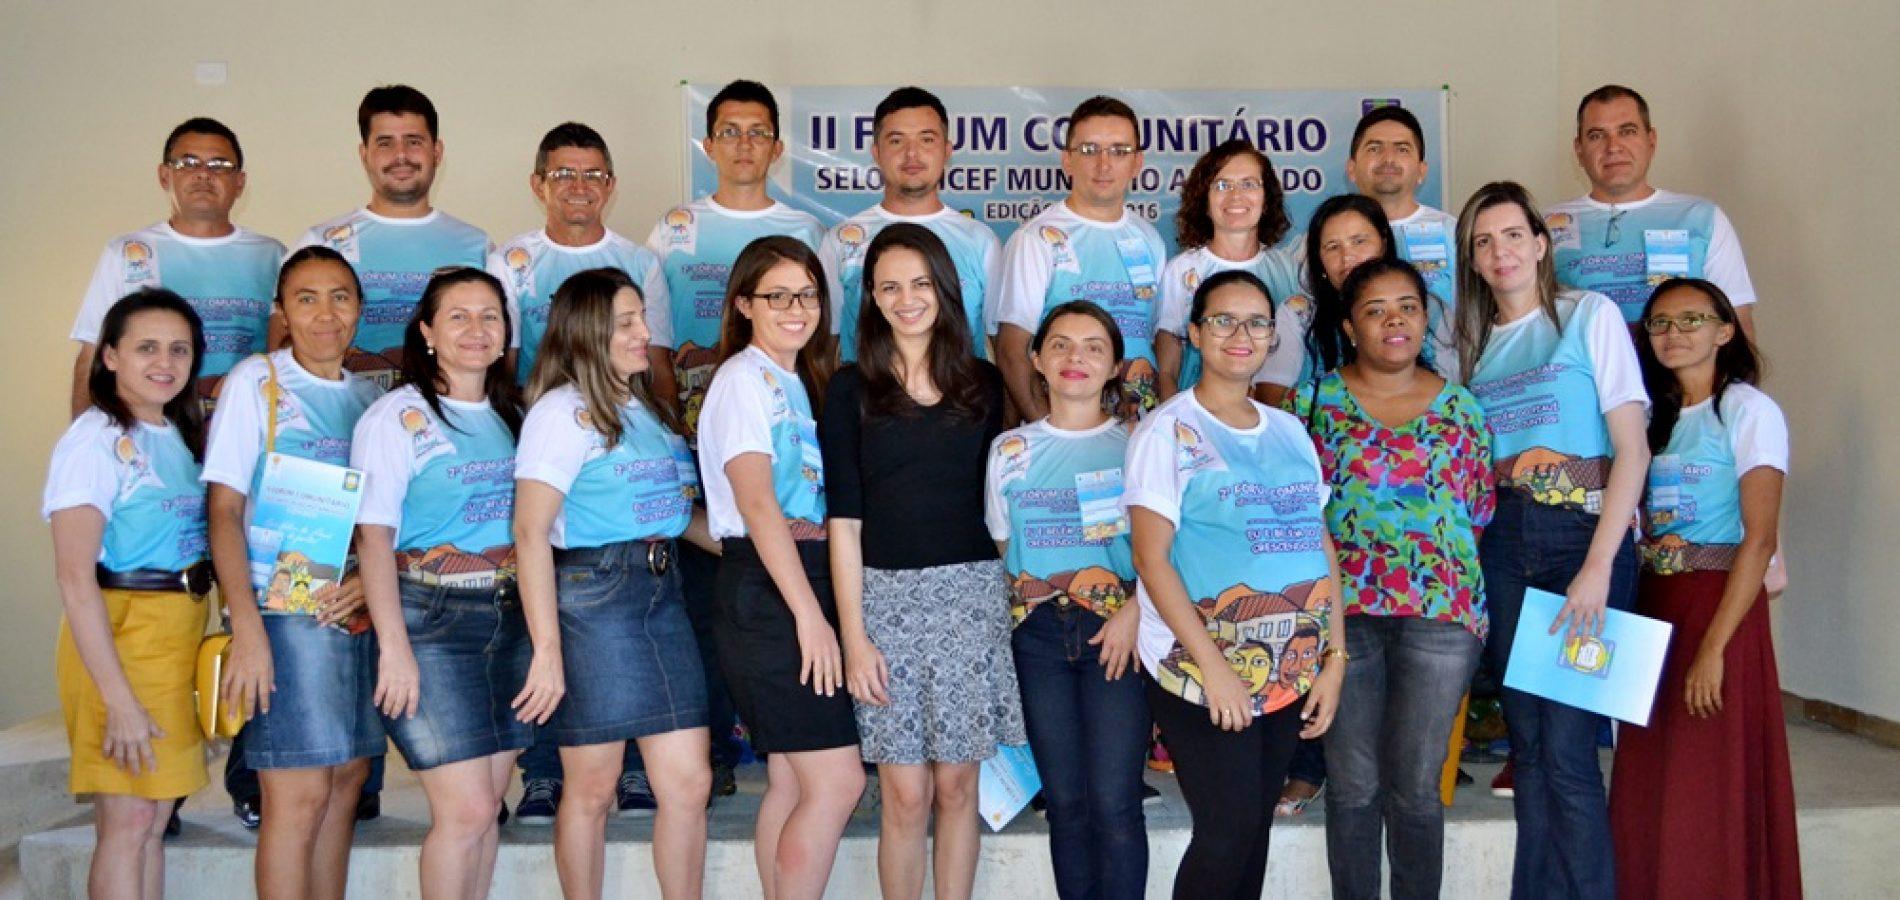 Belém do Piauí realiza II Fórum Comunitário em busca do Selo Unicef